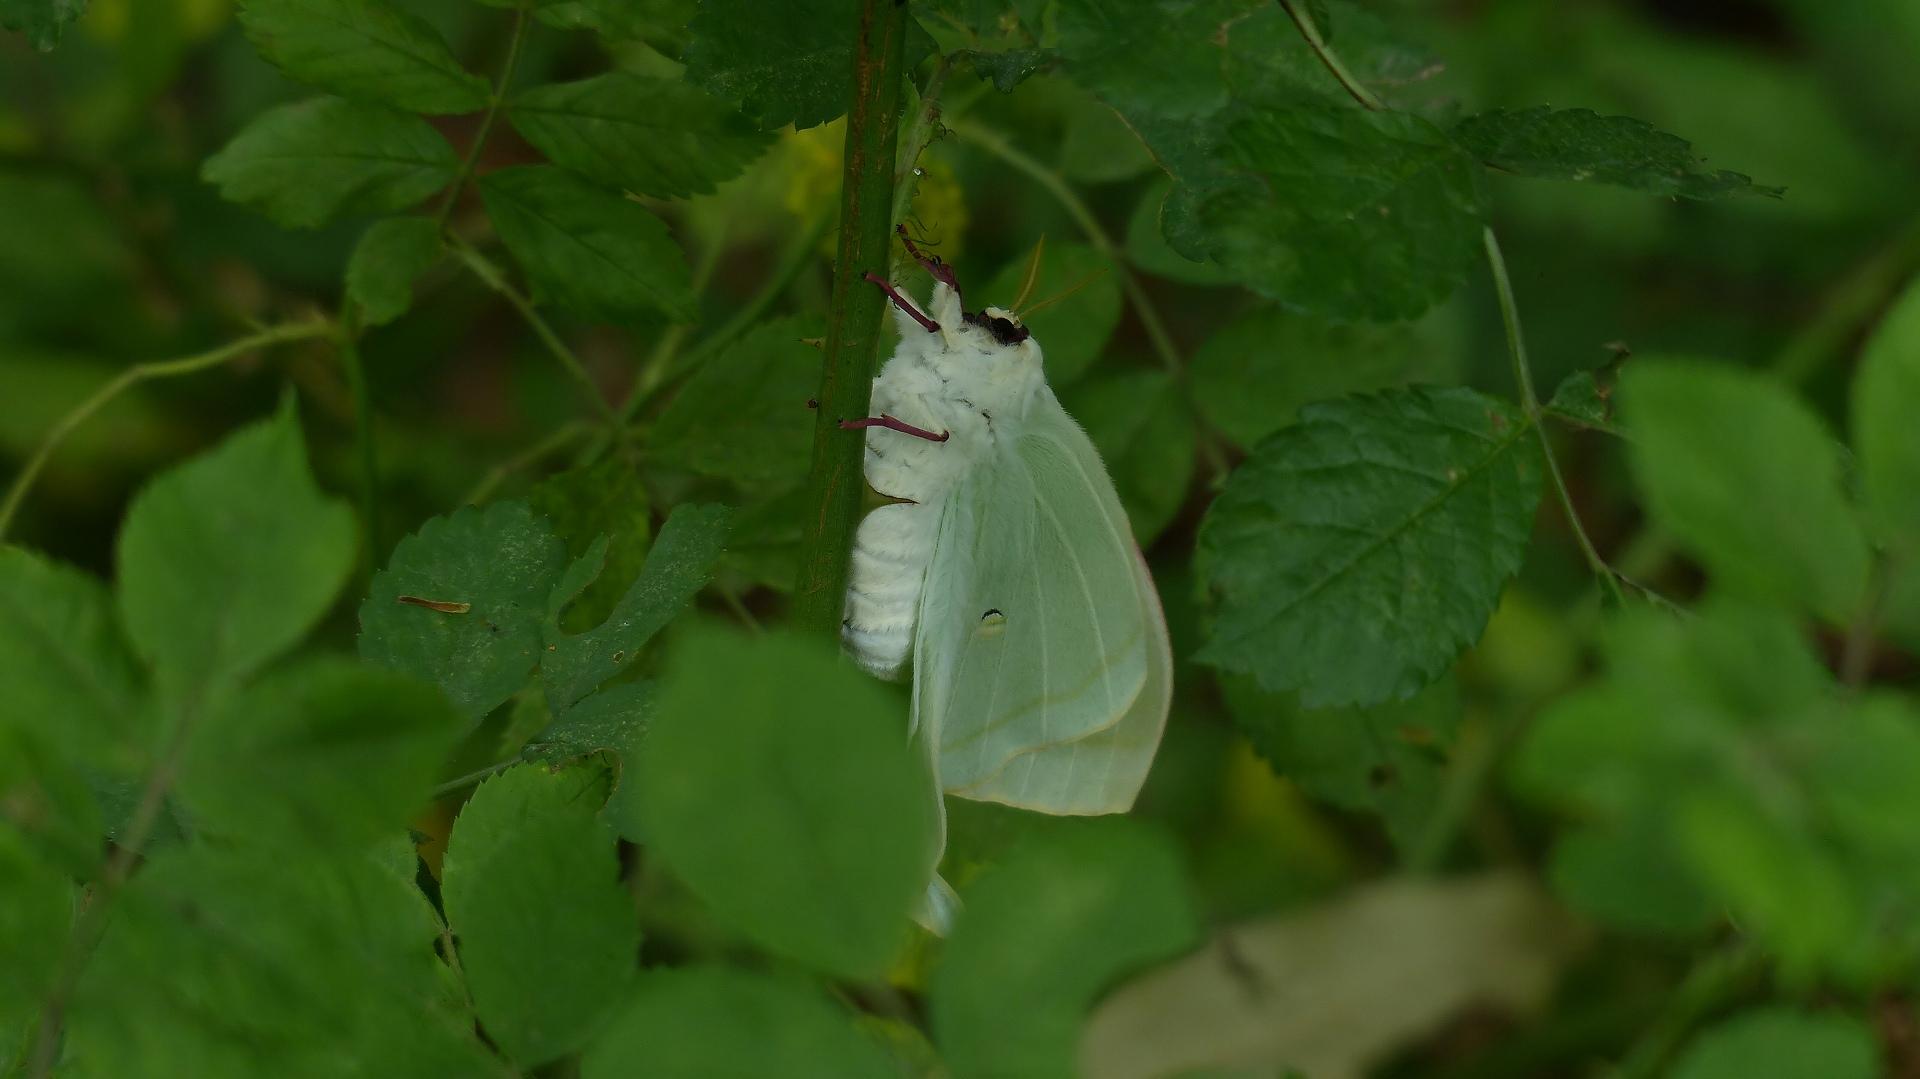 昆虫の森シリーズ 夕顔瓢箪とも呼ばれます_a0185081_11394877.jpg